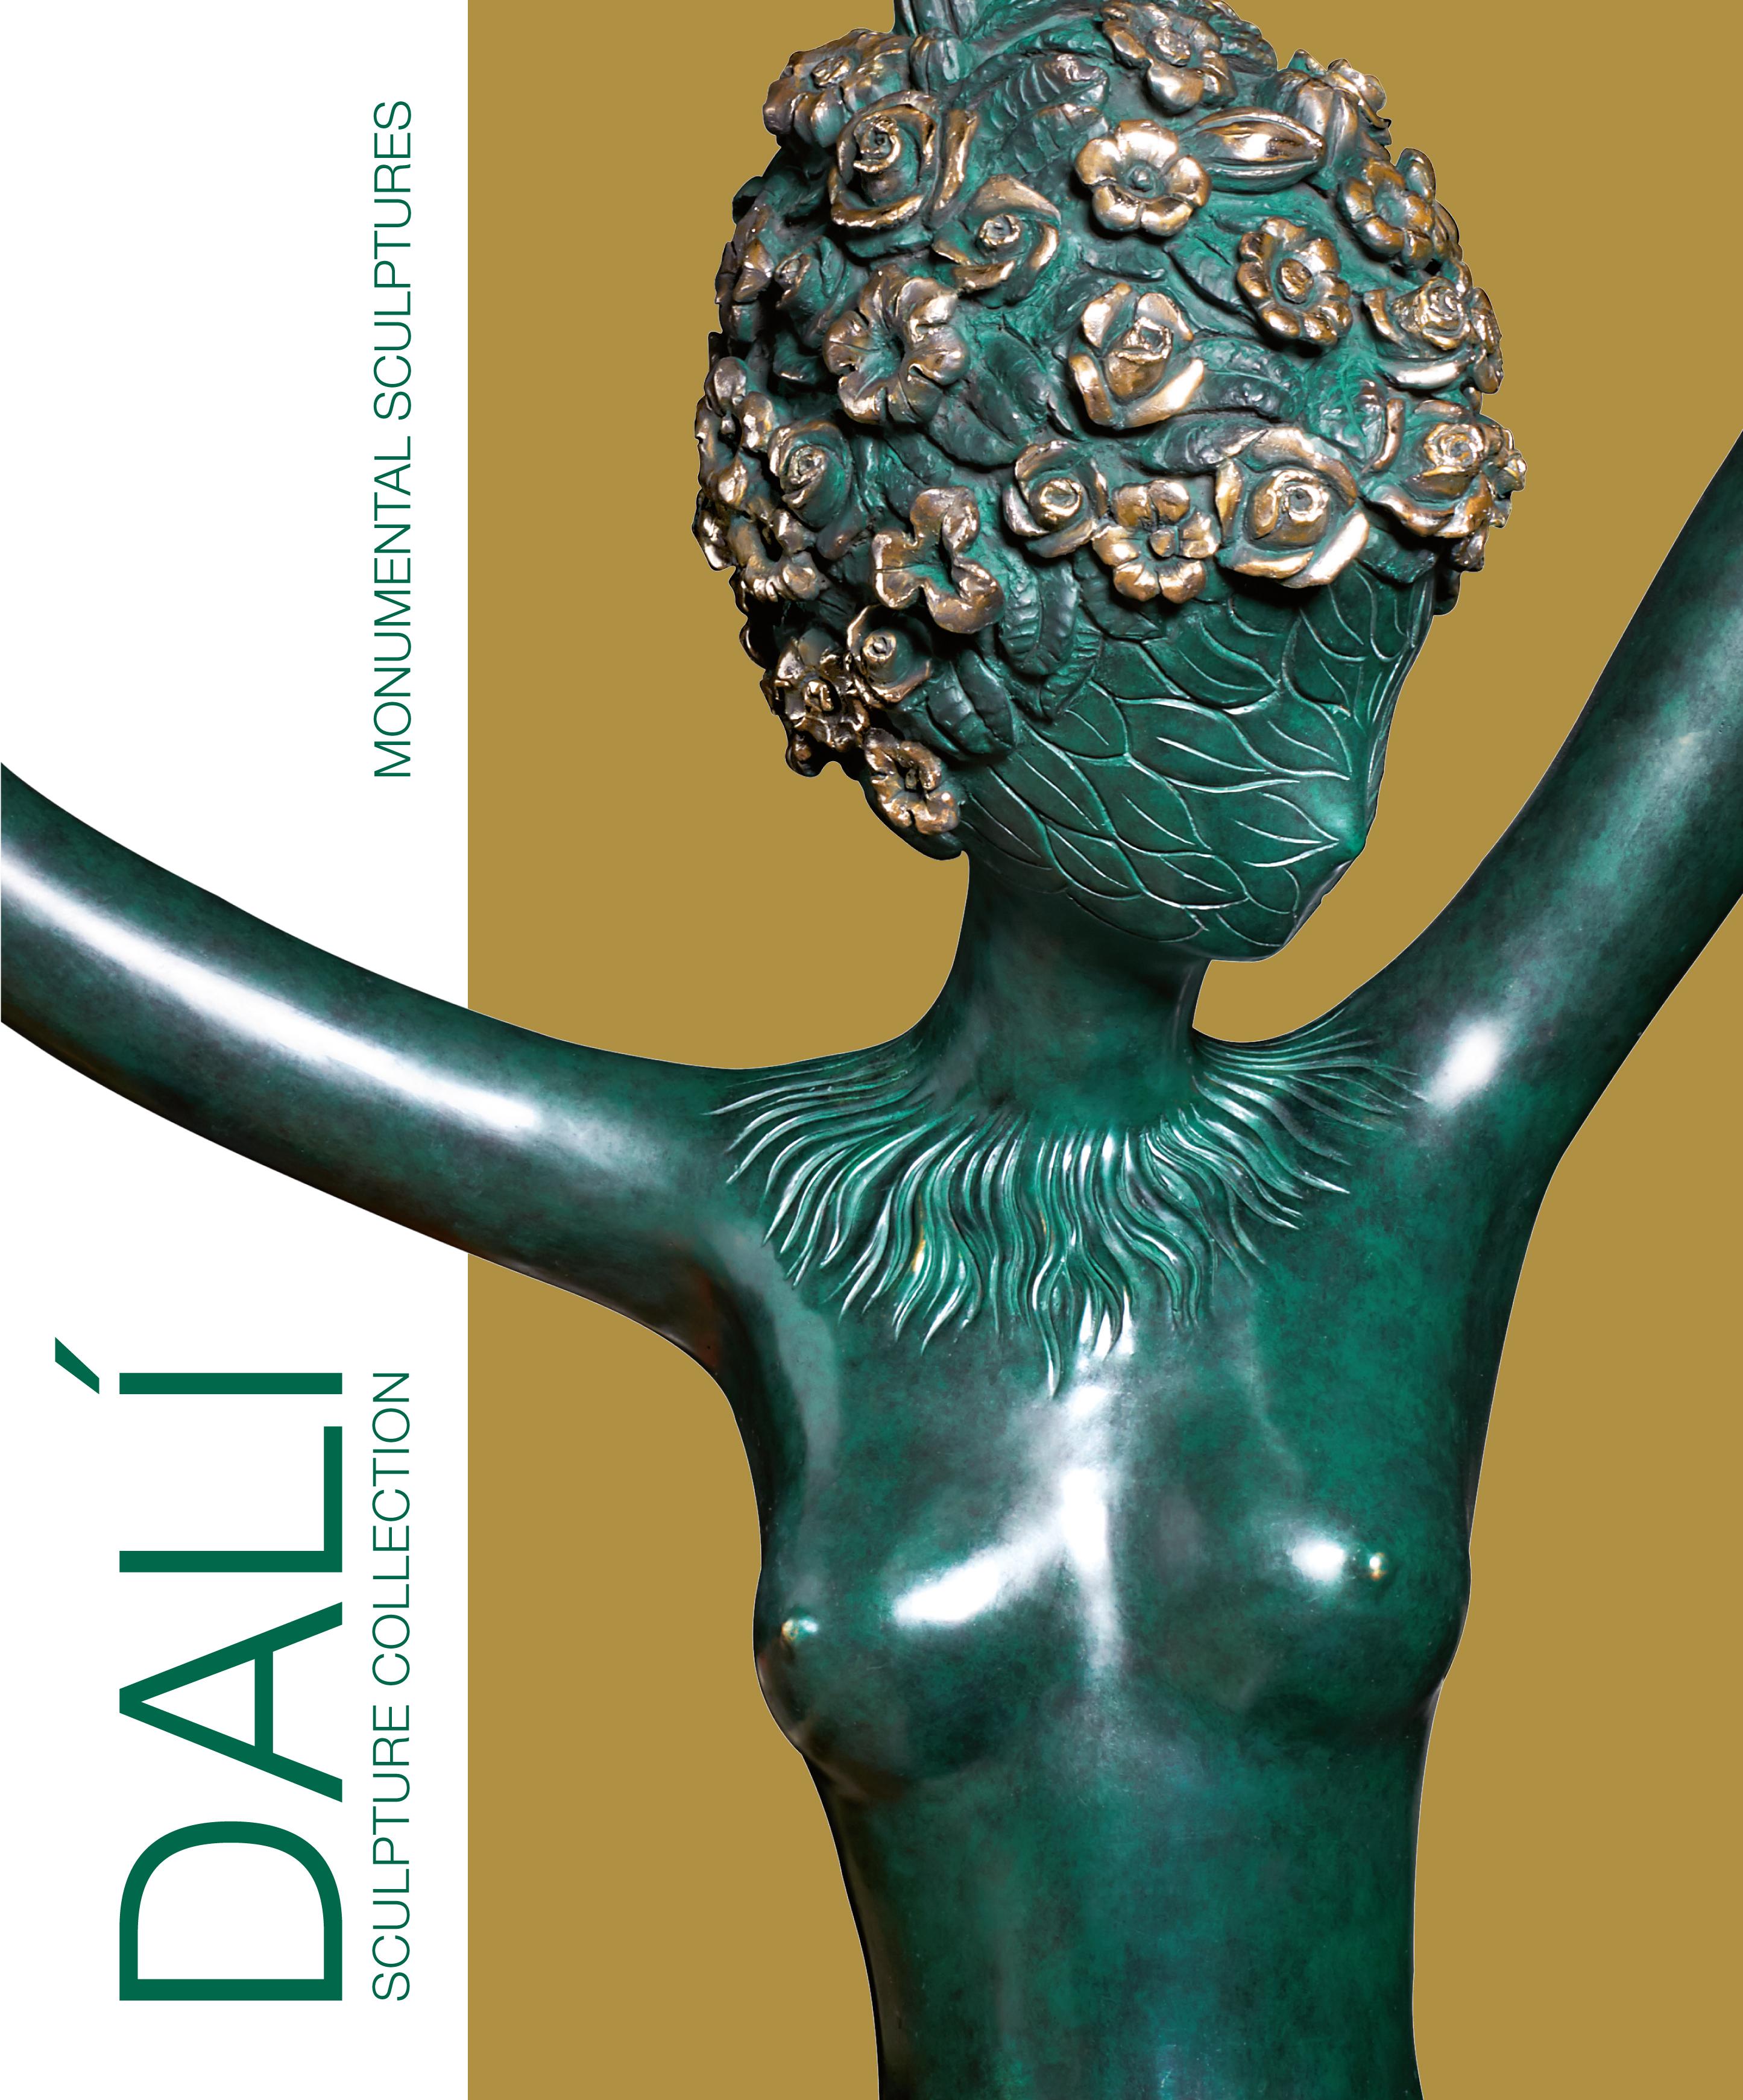 Dalí Sculpture Collection Monumental Sculptures